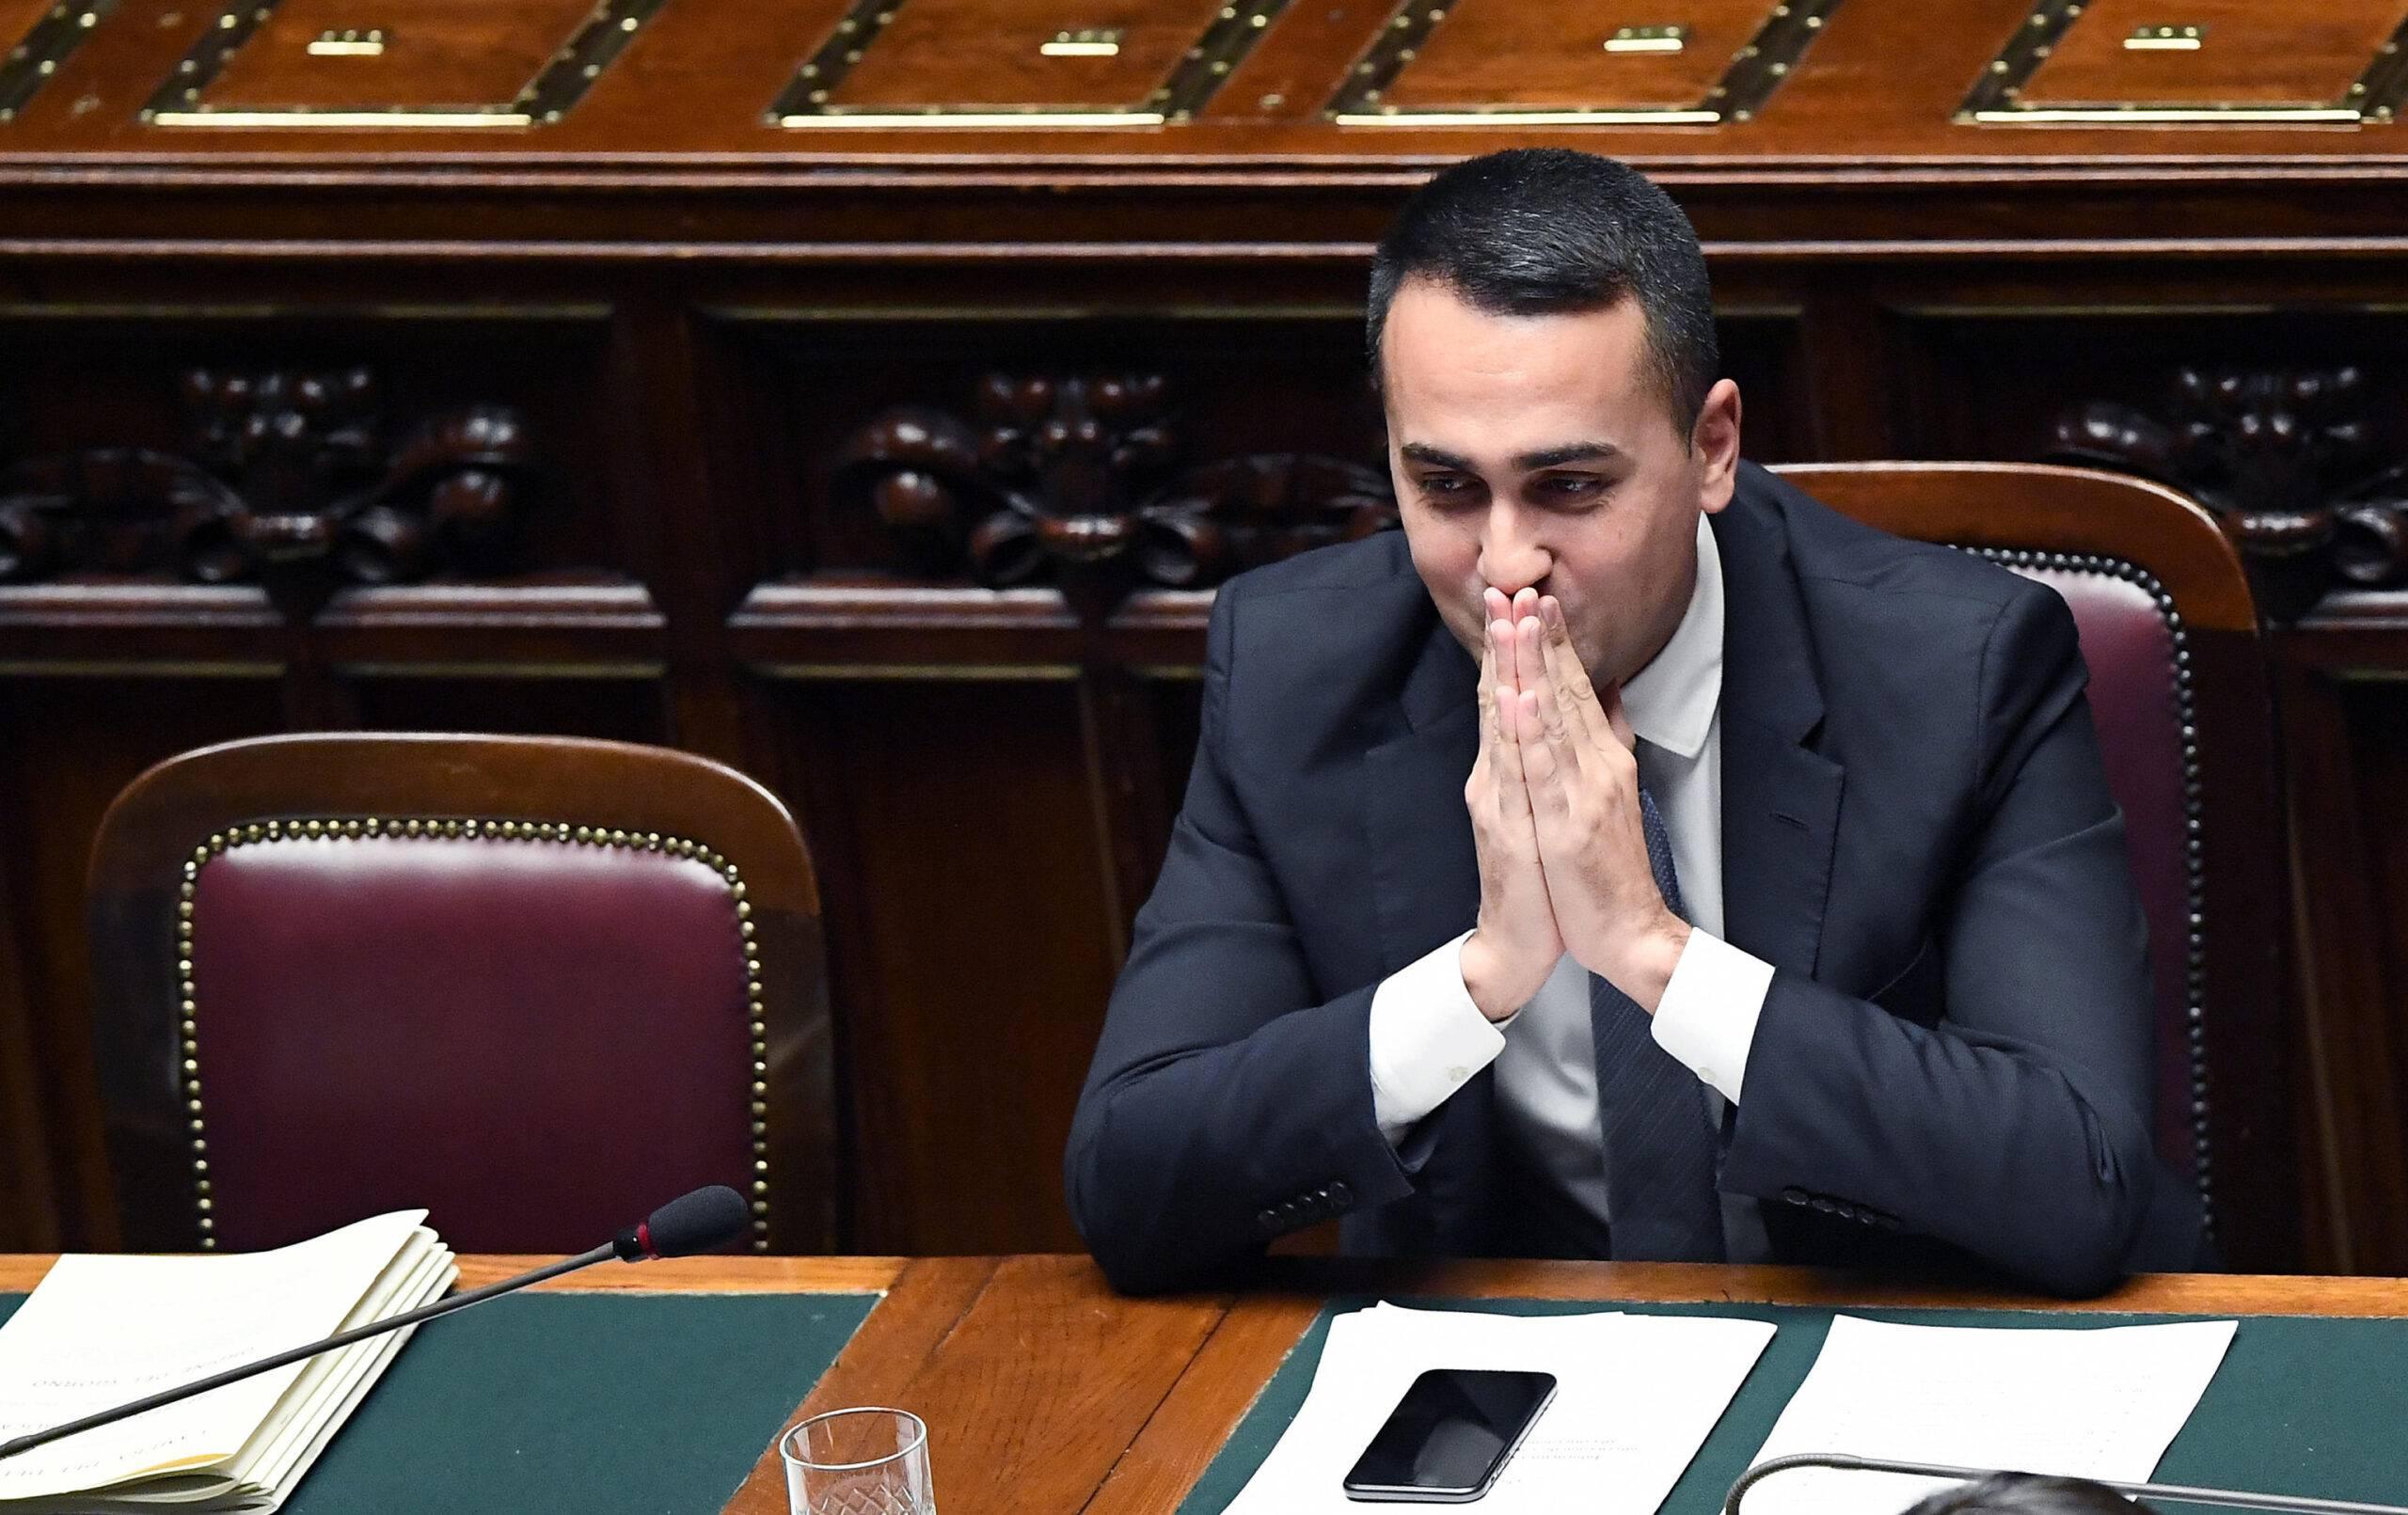 Di Maio incontra Draghi in segreto: esplode il caso nel M5S e nel Governo - Leggilo.org